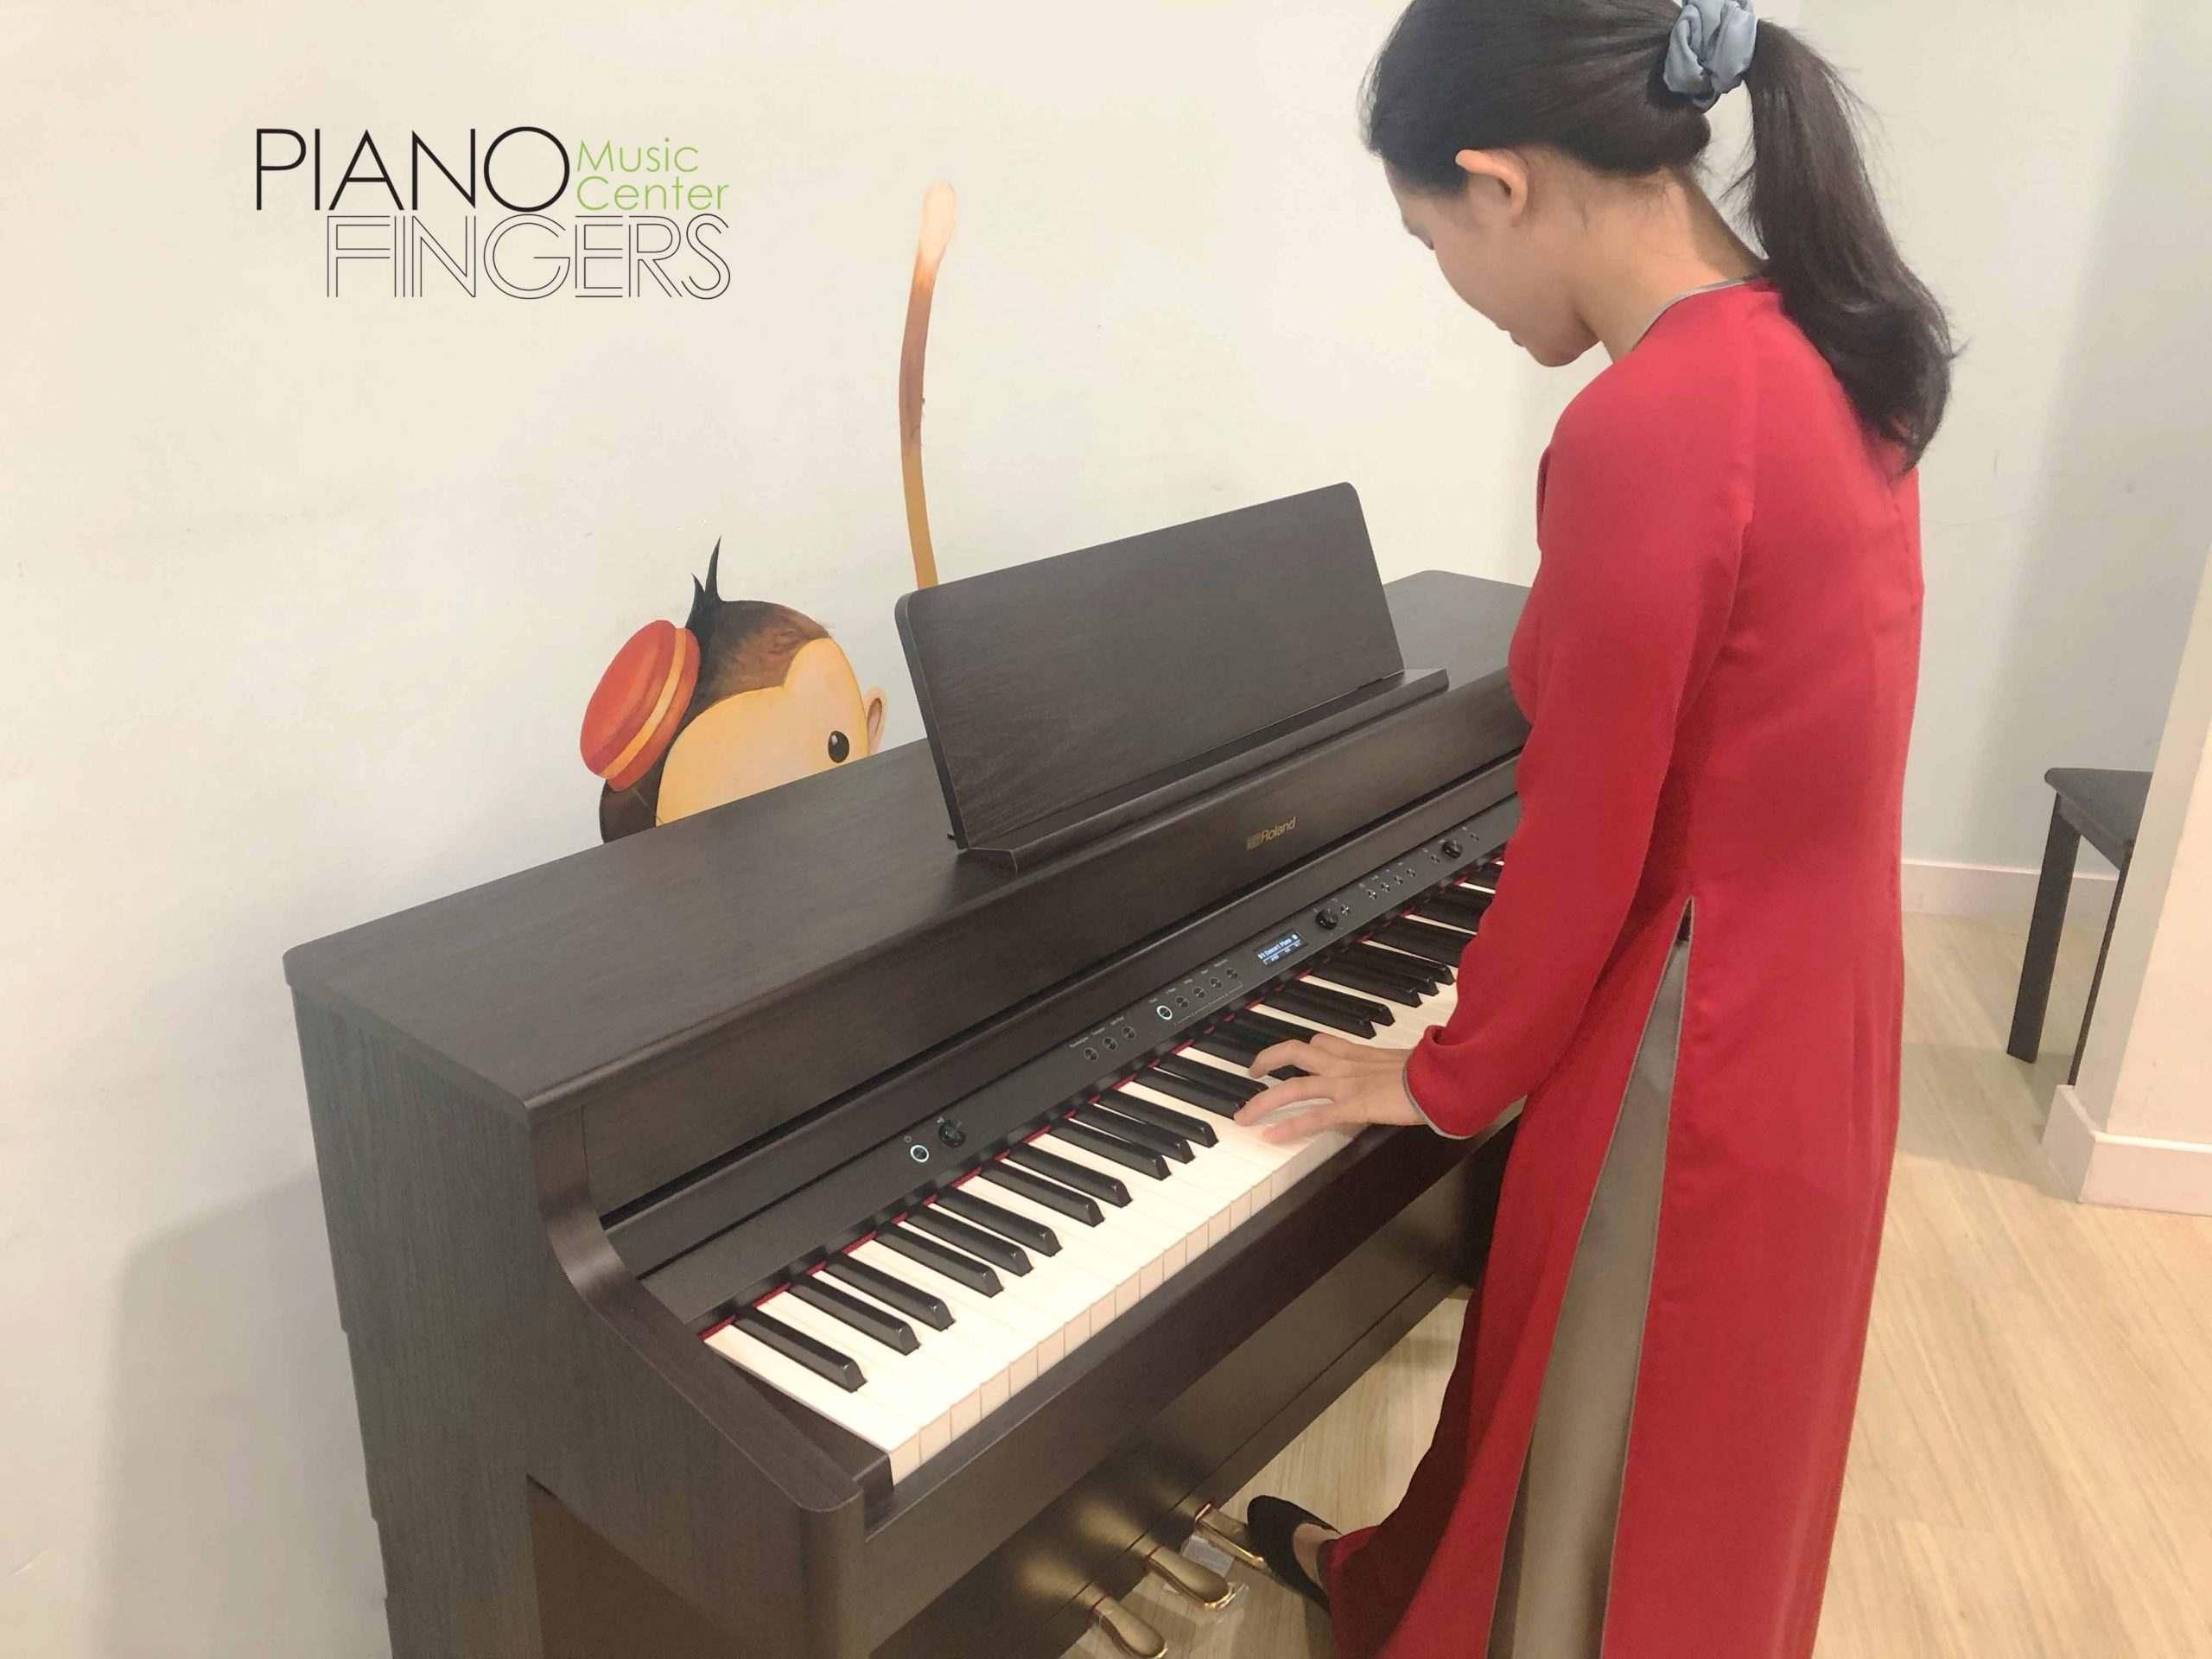 piano-fingers-xin-tri-an-truong-quoc-te-viet-uc-vas-7